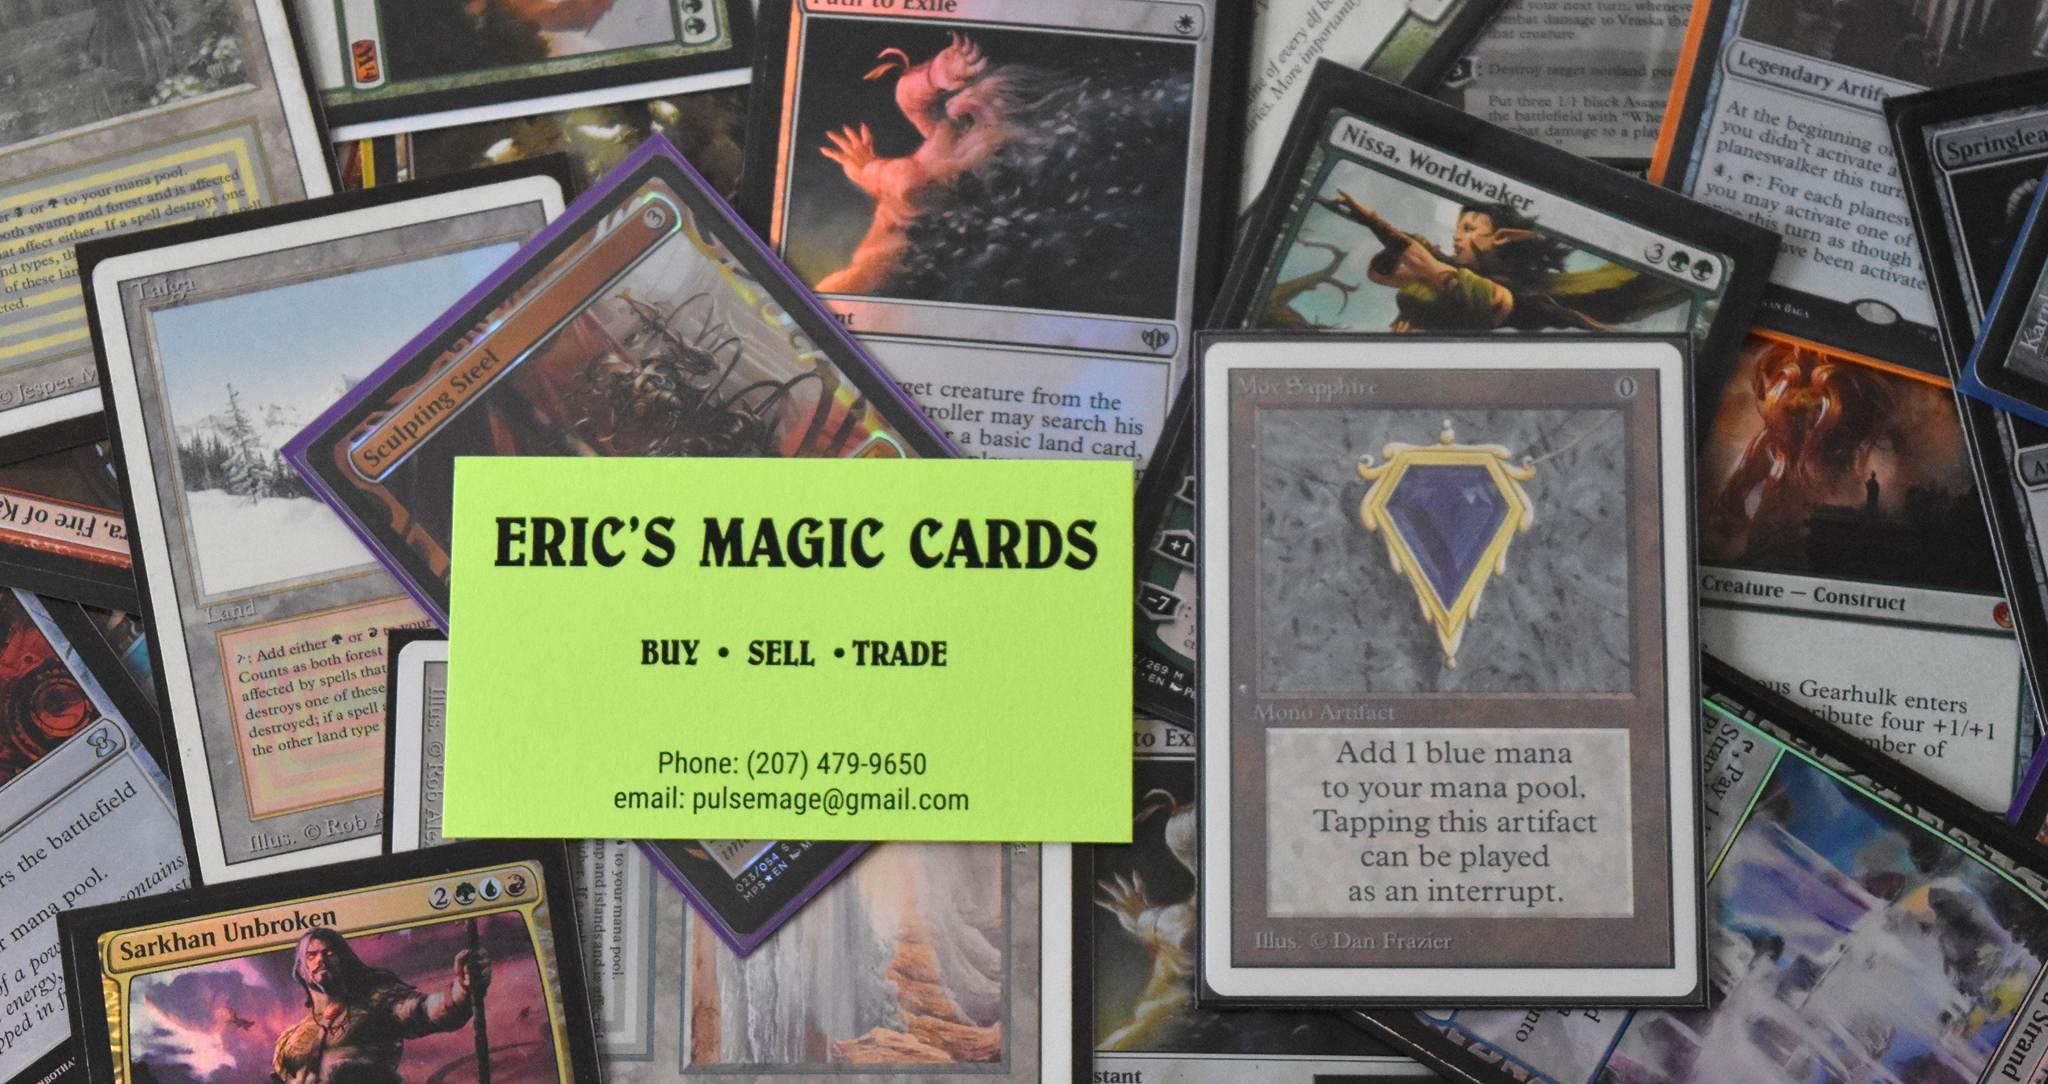 Eric's Magic Cards